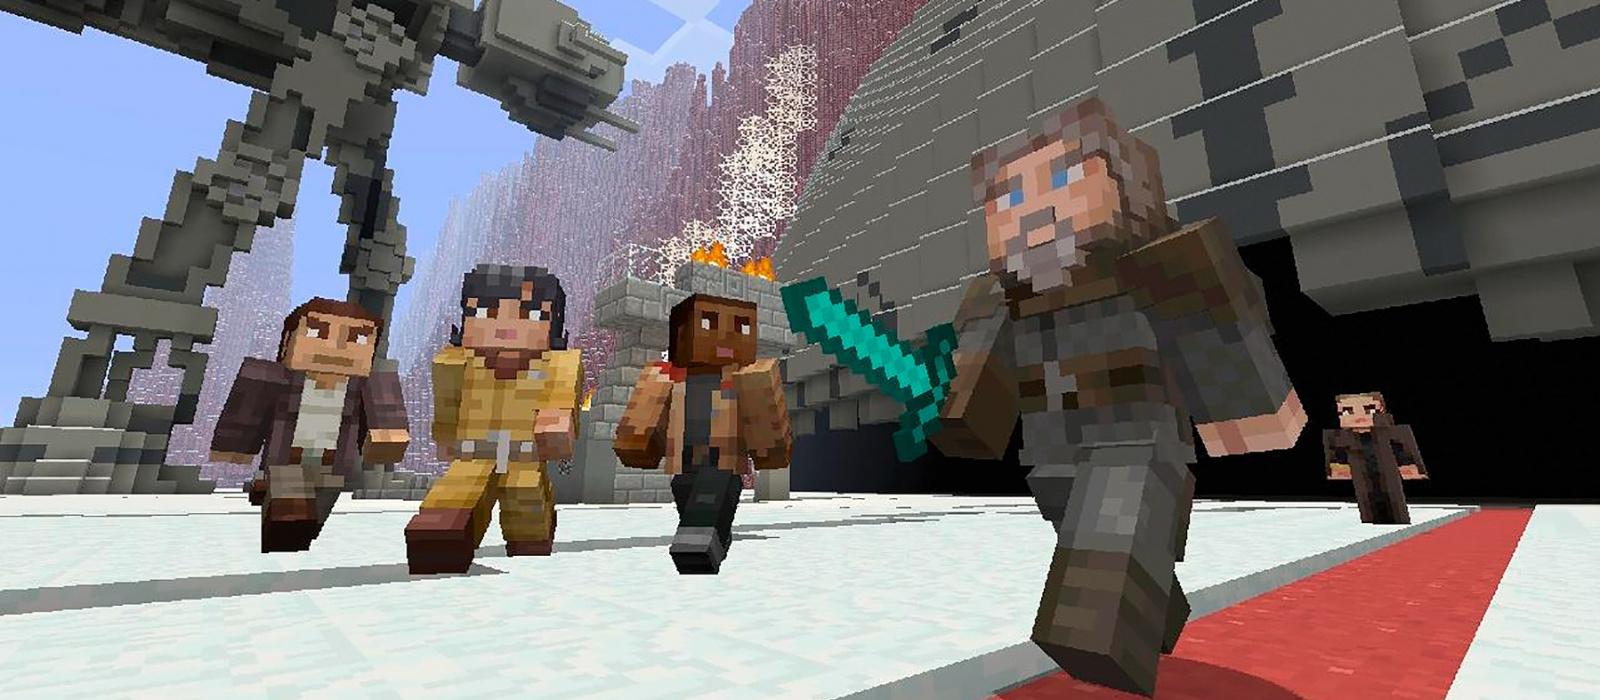 Ein Fan hat die Planeten Tatooine und Coruscant aus Star Wars in Minecraft nachgebaut – ein ganzes Jahr hat es gedauert